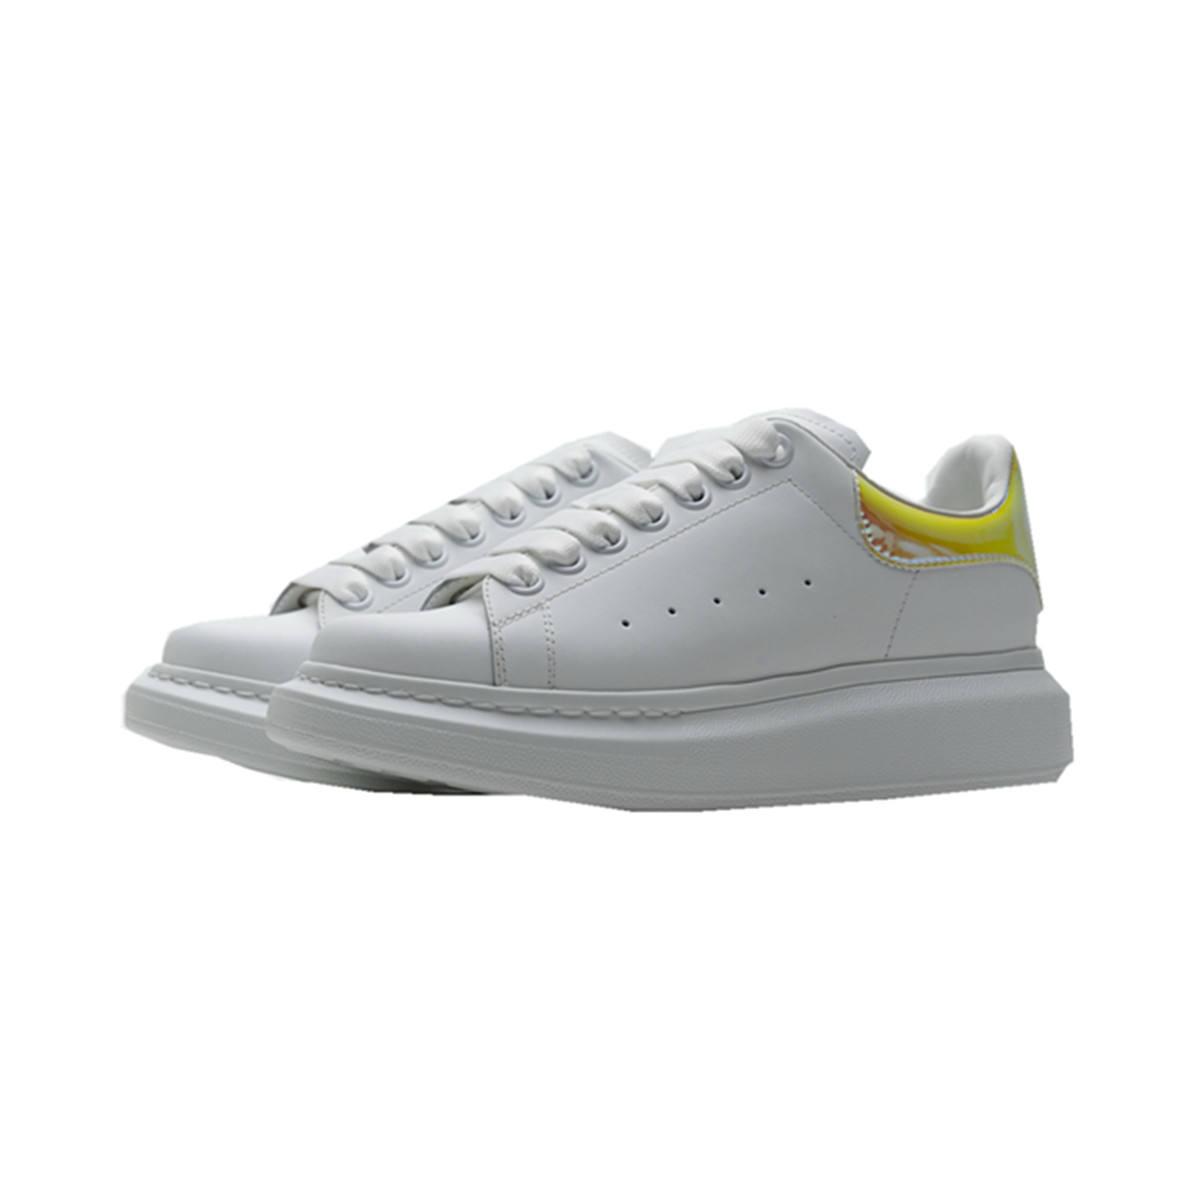 China Basketball Sports Shoe, China